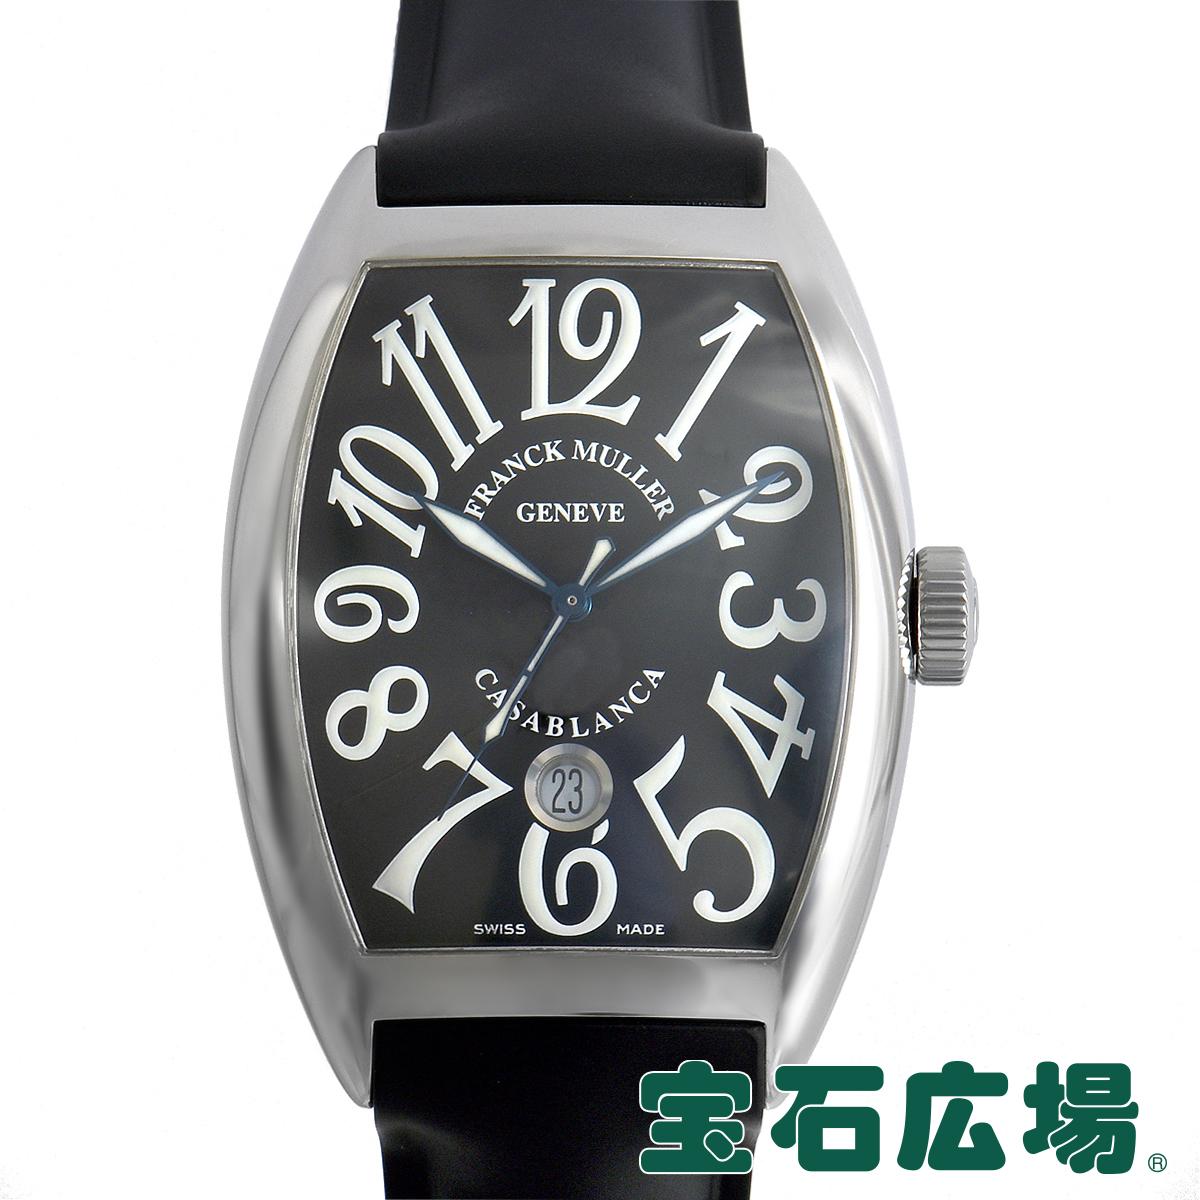 フランクミュラー FRANCK MULLER トノウカーベックスカサブランカ 8880SCDTCASA【中古】メンズ 腕時計 送料・代引手数料無料